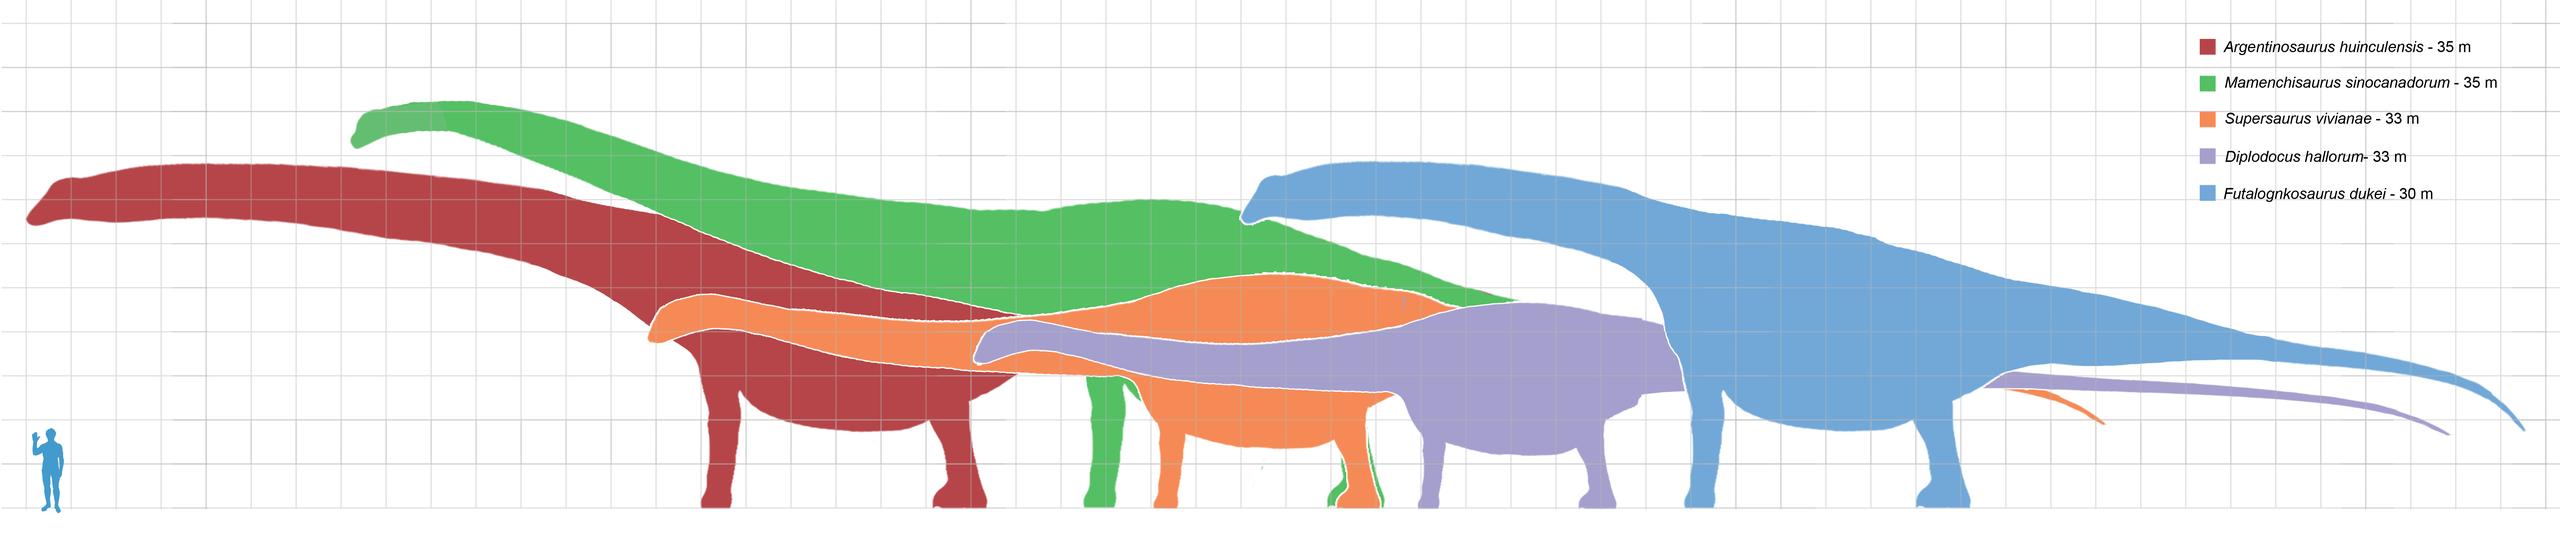 Comparaison des sauropodes